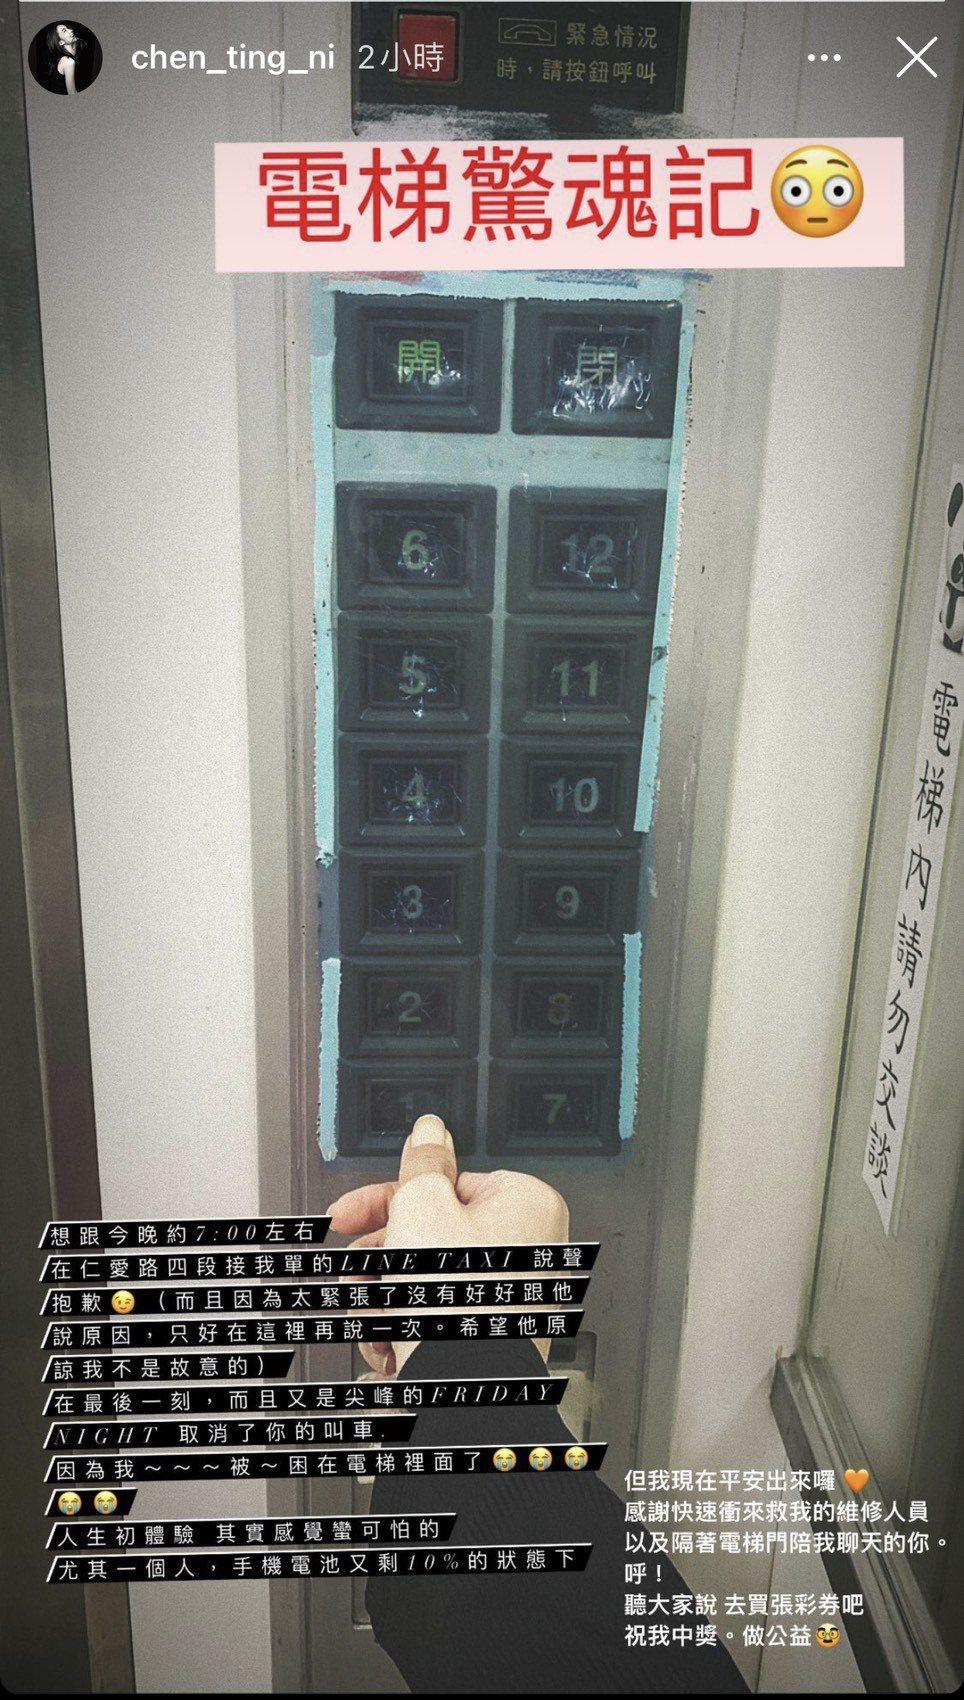 陳庭妮自曝受困電梯,所幸後來平安脫困。圖/摘自IG